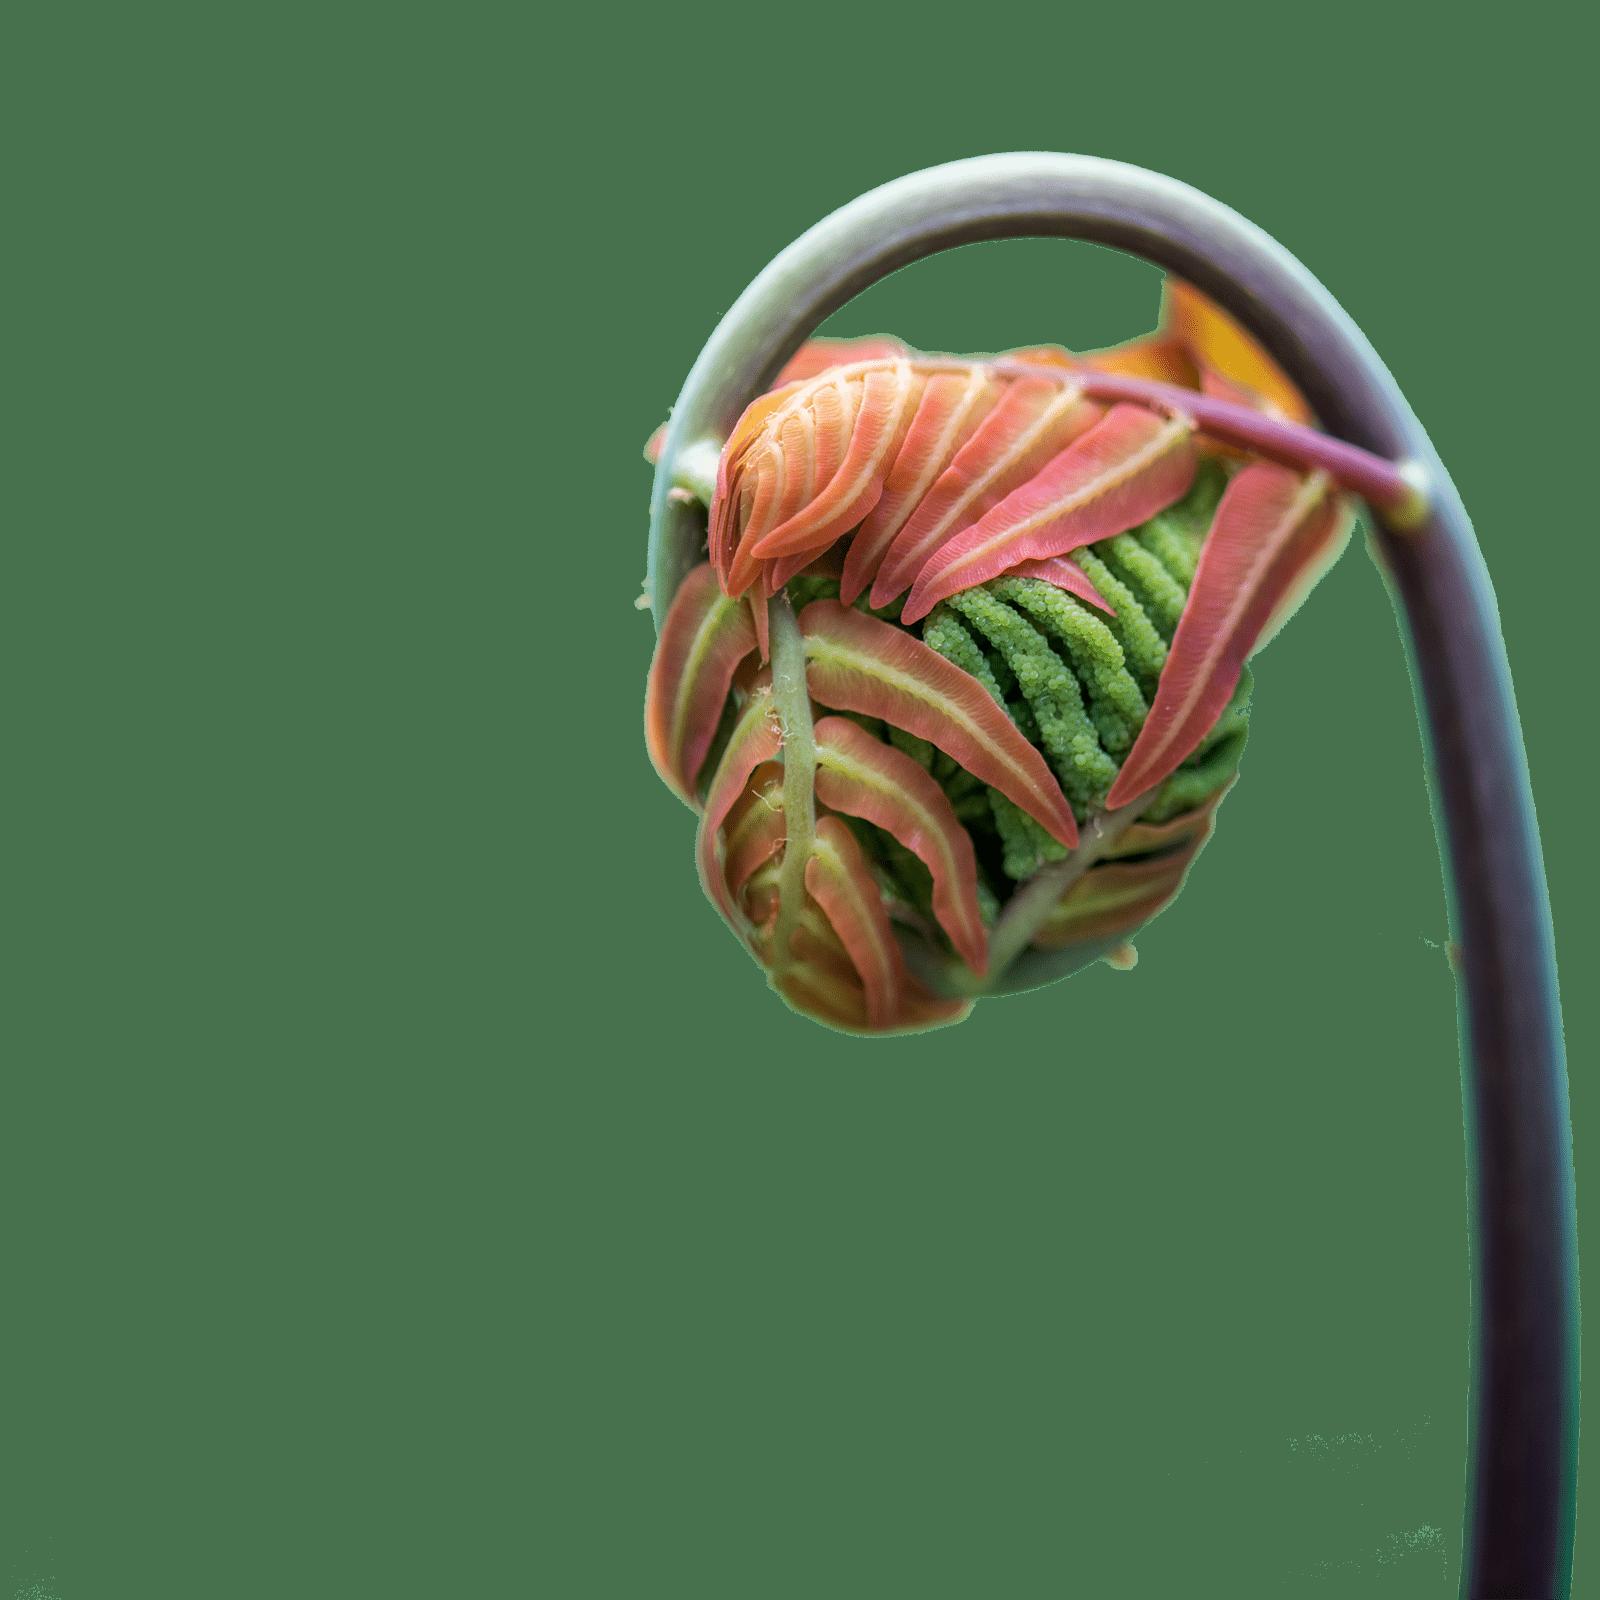 cropped - Growing Leaf